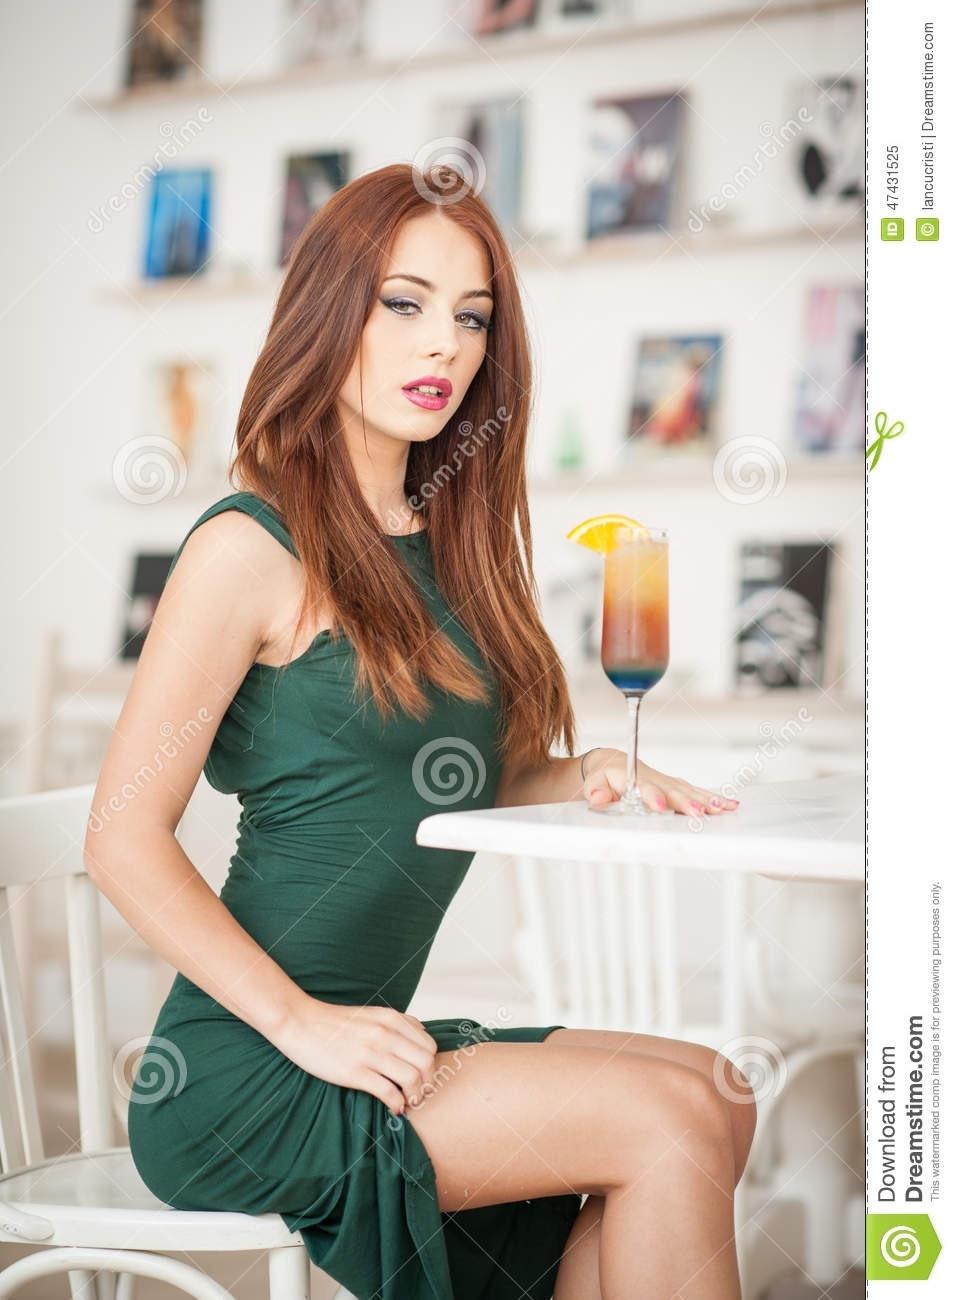 Formal Einzigartig Schöne Kleider Für Junge Frauen Boutique13 Schön Schöne Kleider Für Junge Frauen Bester Preis